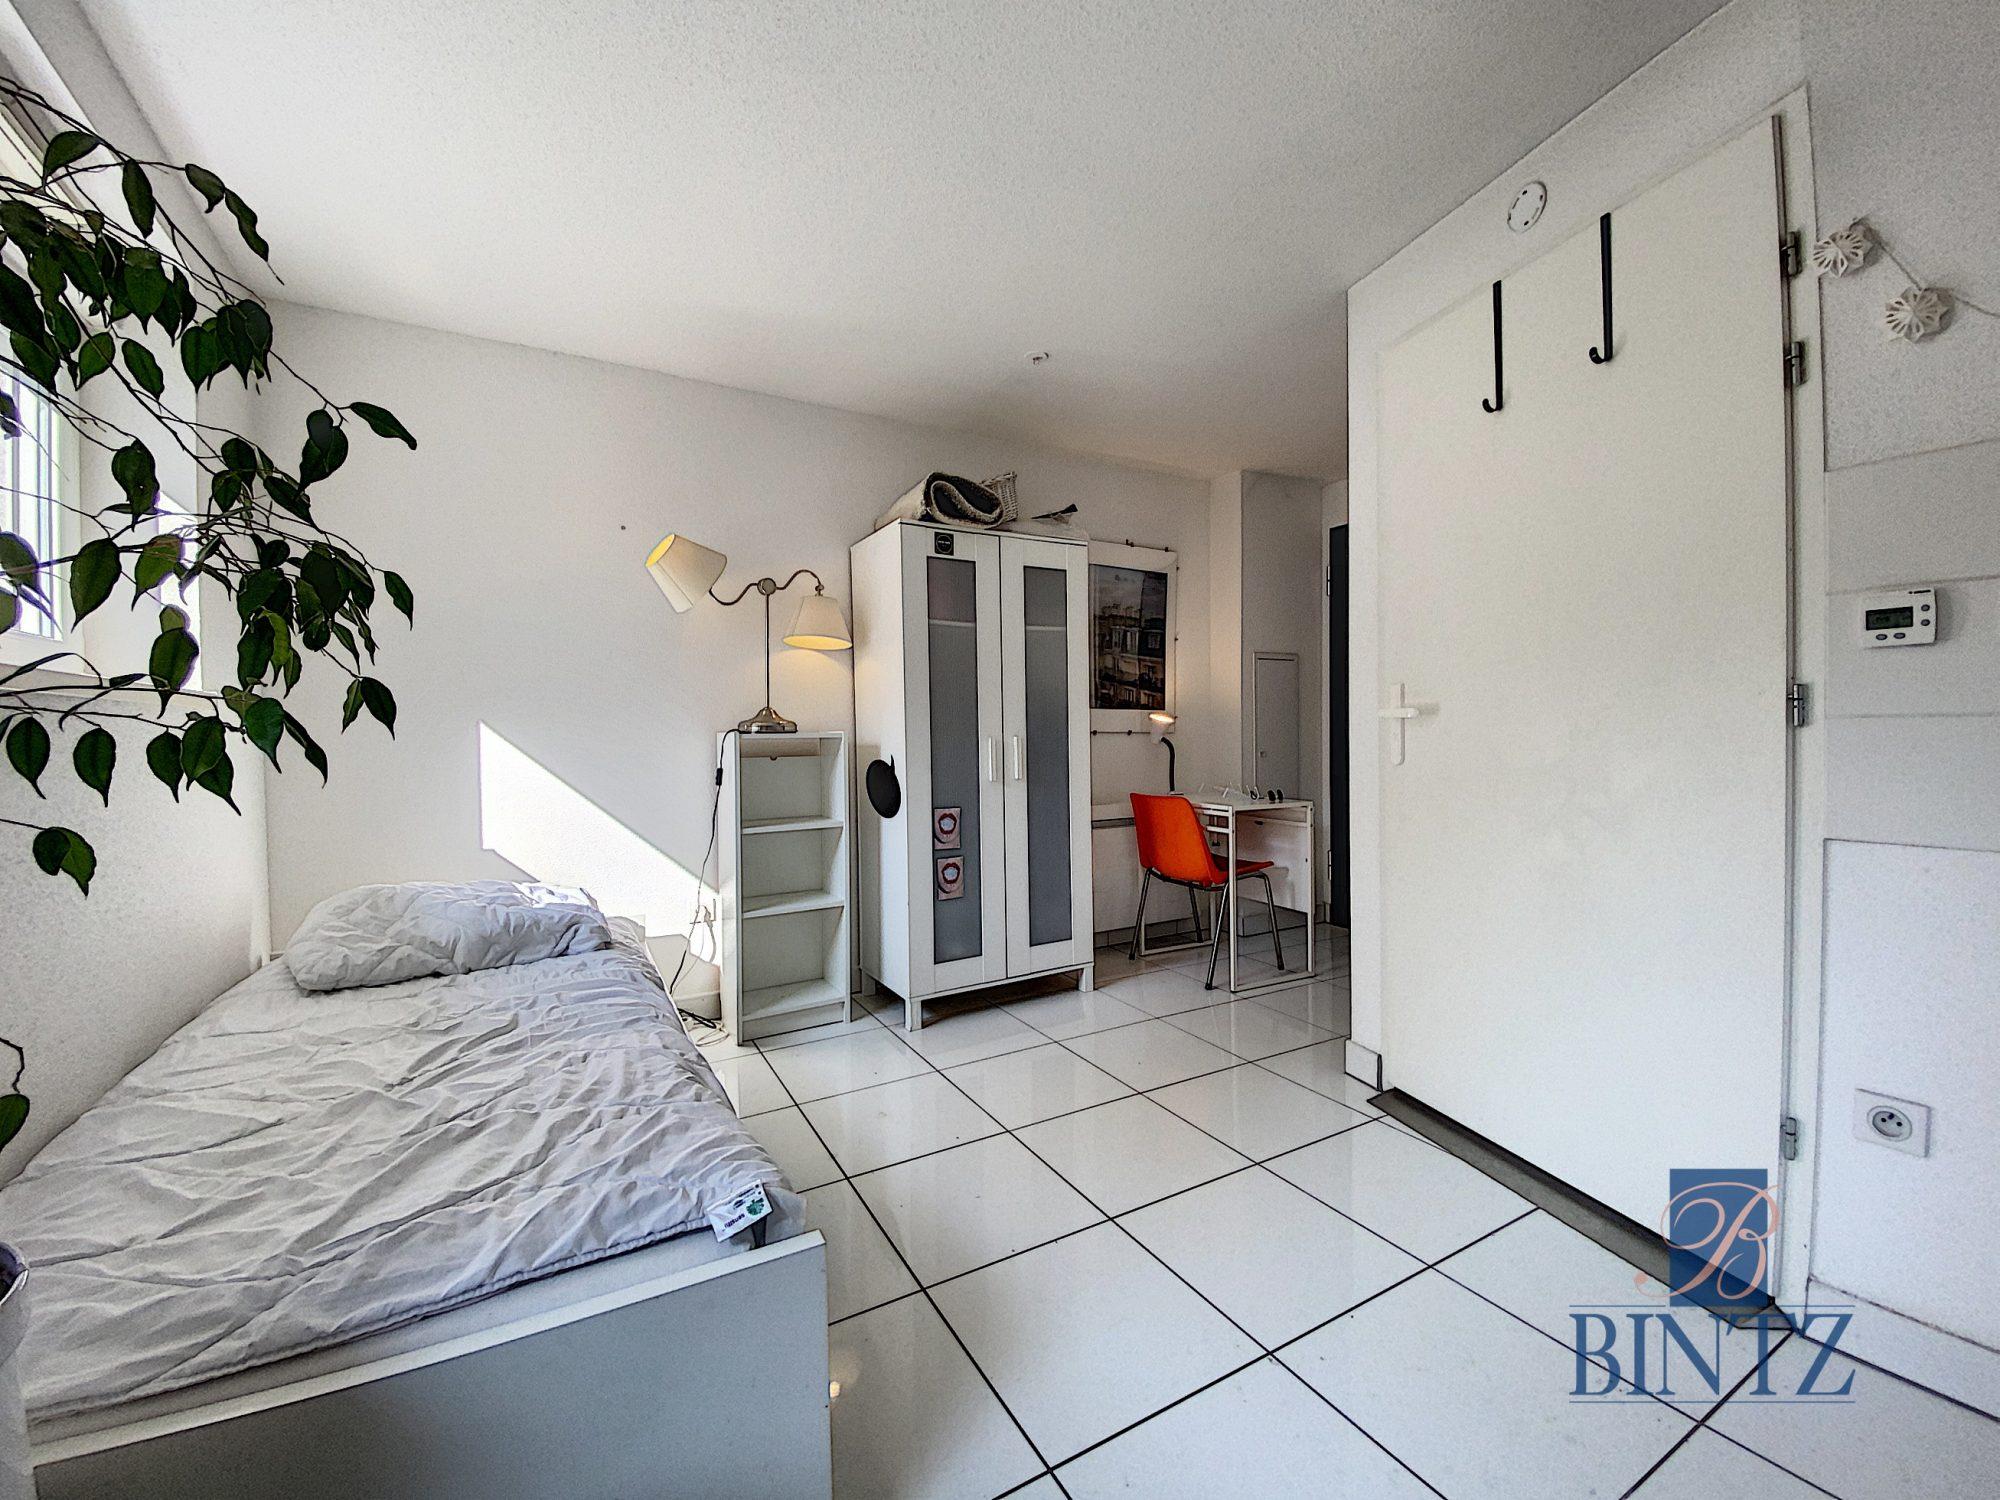 STUDIO QUARTIER TRIBUNAL - Devenez propriétaire en toute confiance - Bintz Immobilier - 6